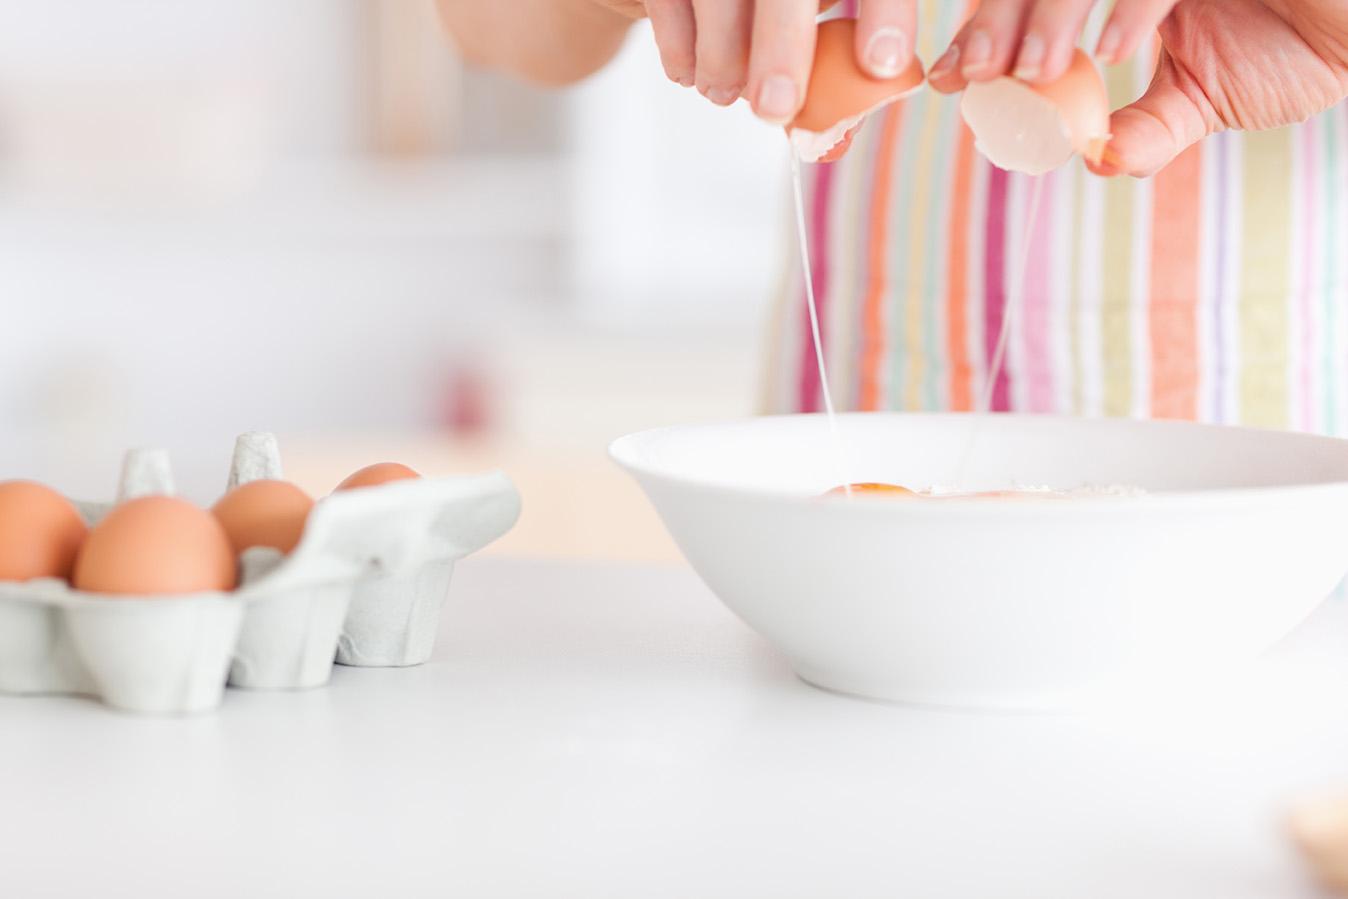 adoughable-ingredients-eggs.jpg